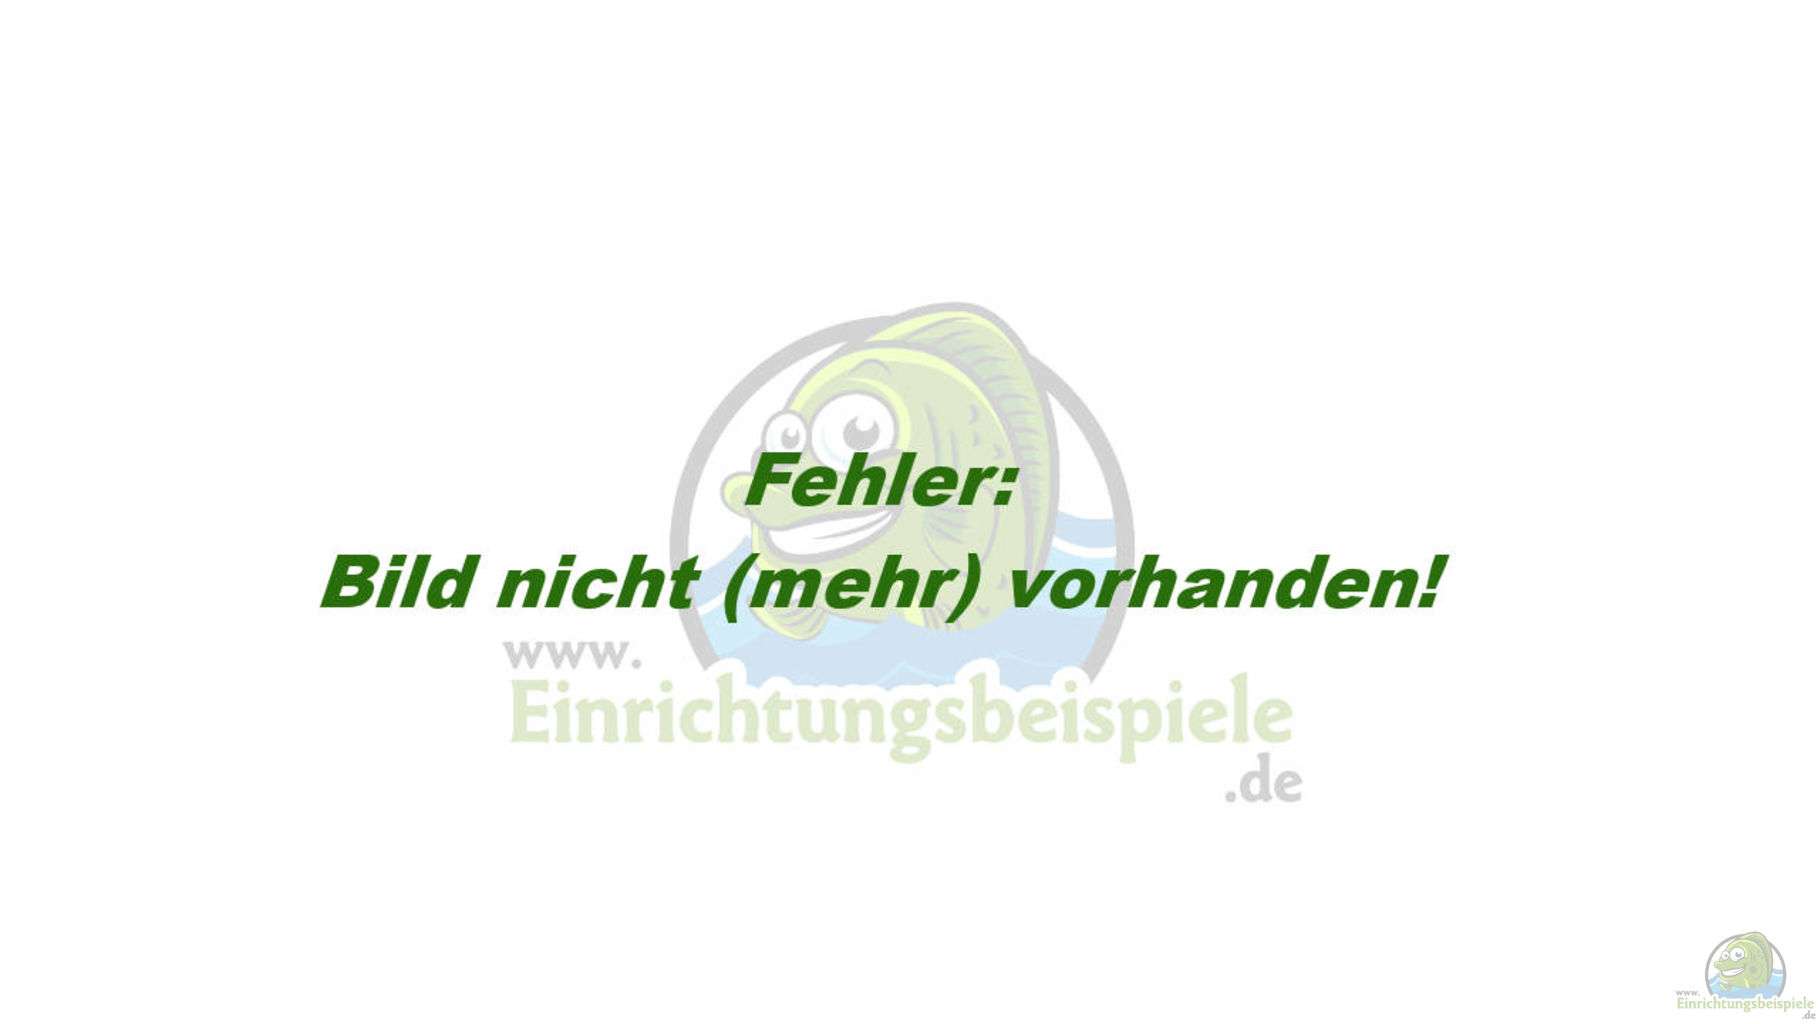 arbeitsblatt vorschule 187 eichen pflanzen jahreszeit bild